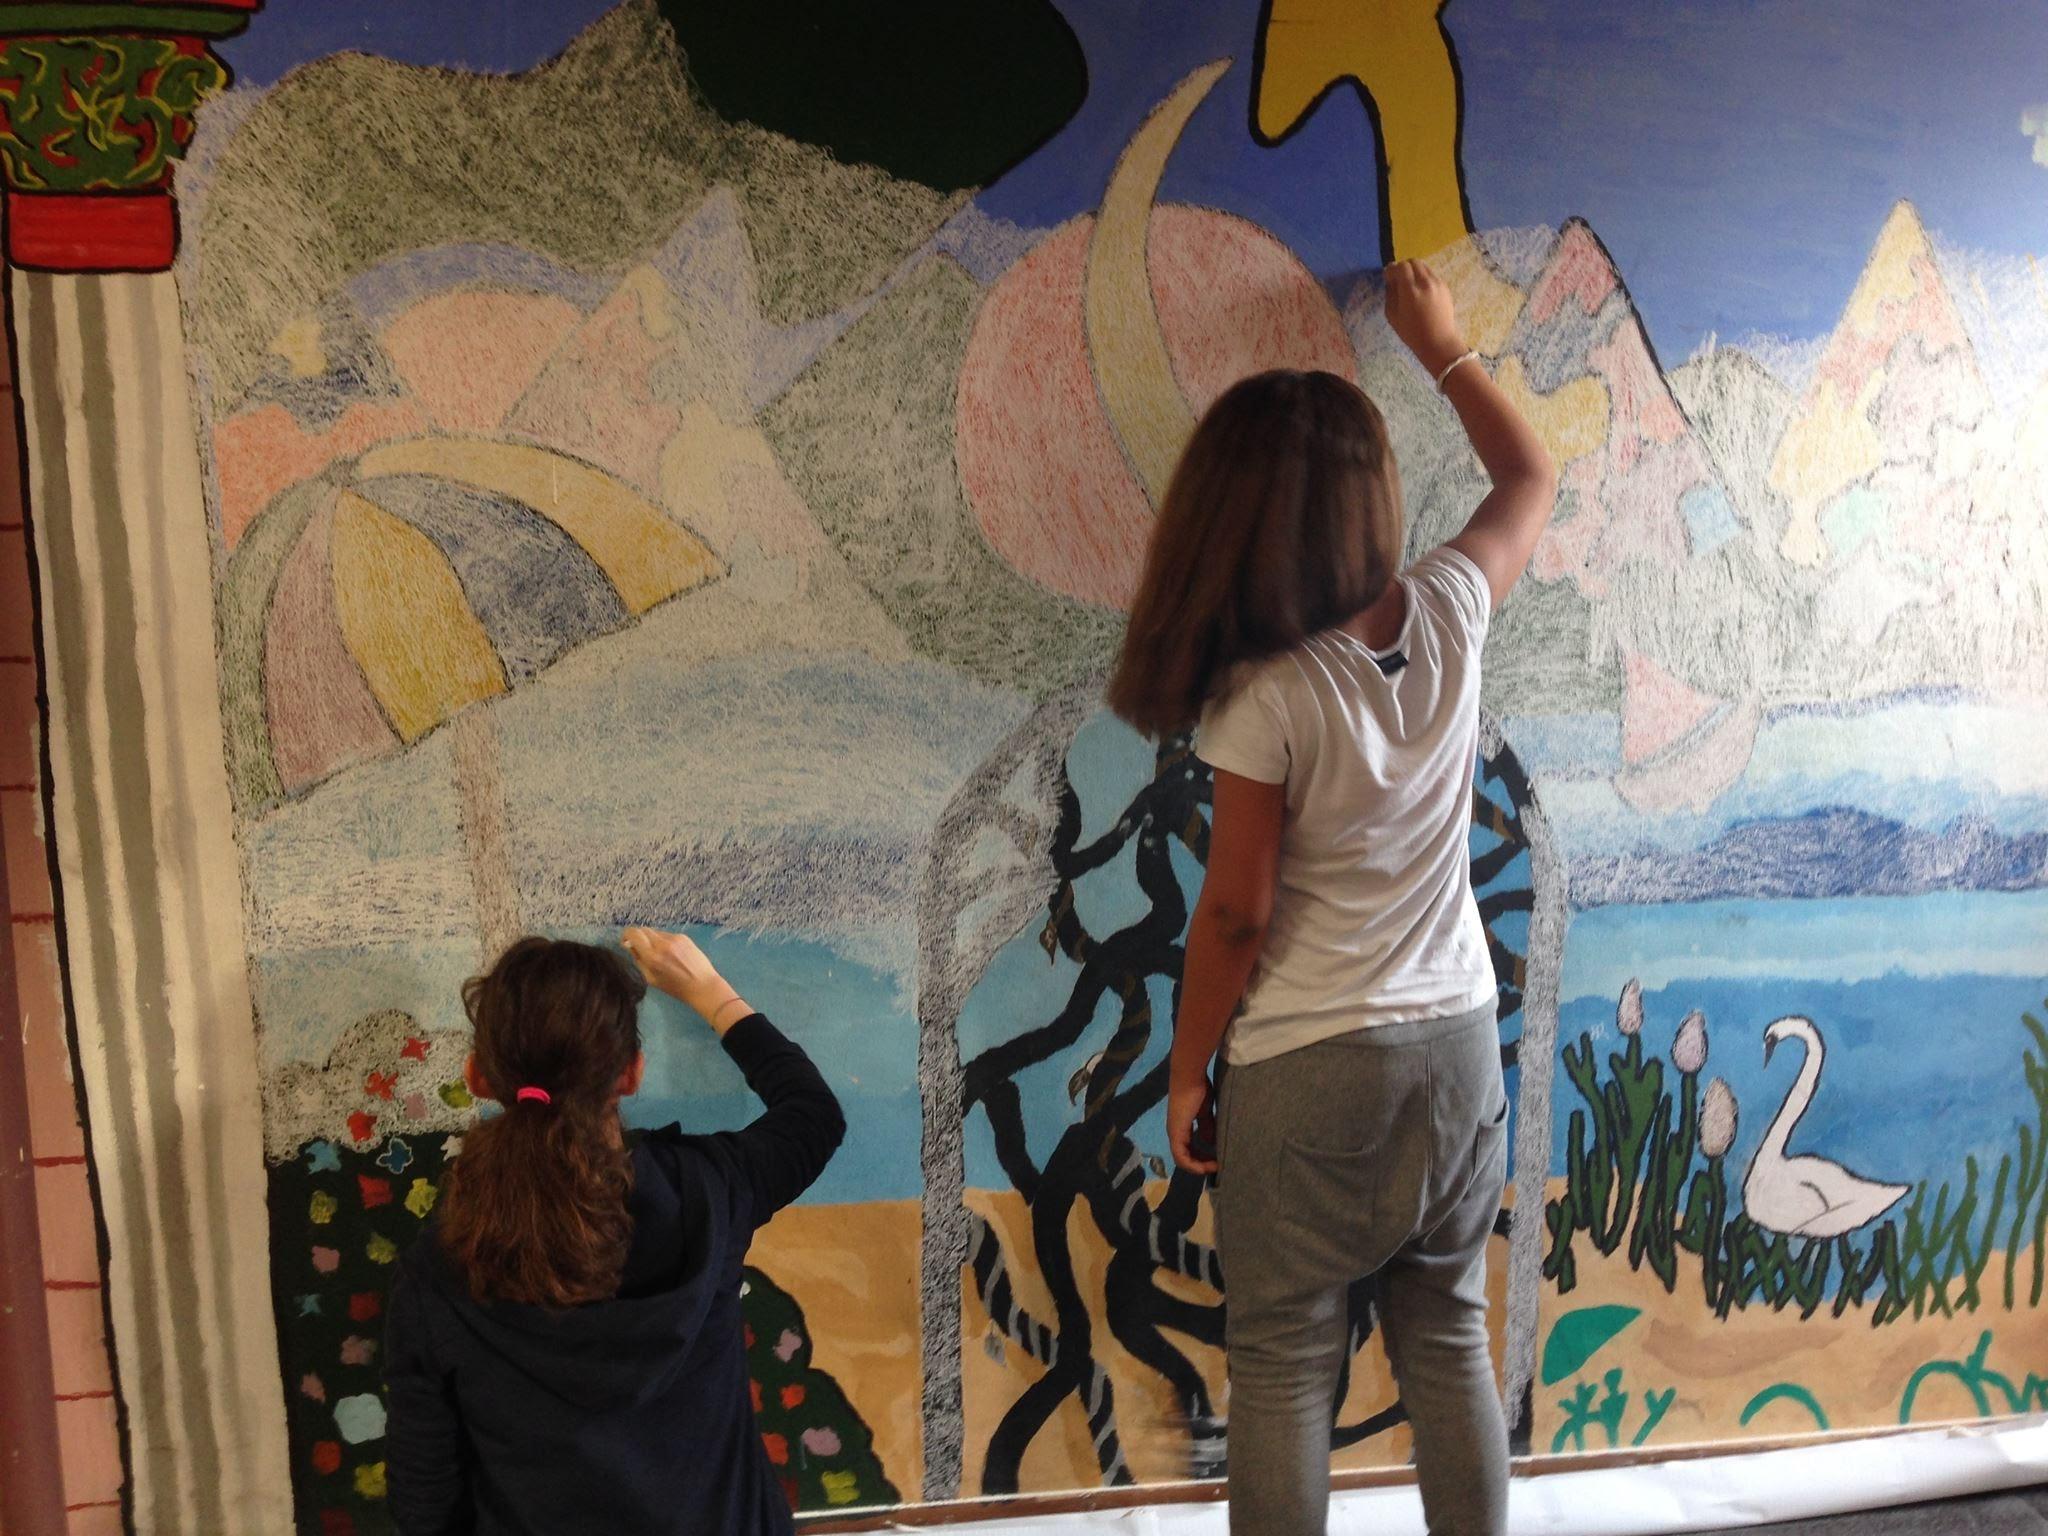 wall gessetti (restauro vecchi murales)